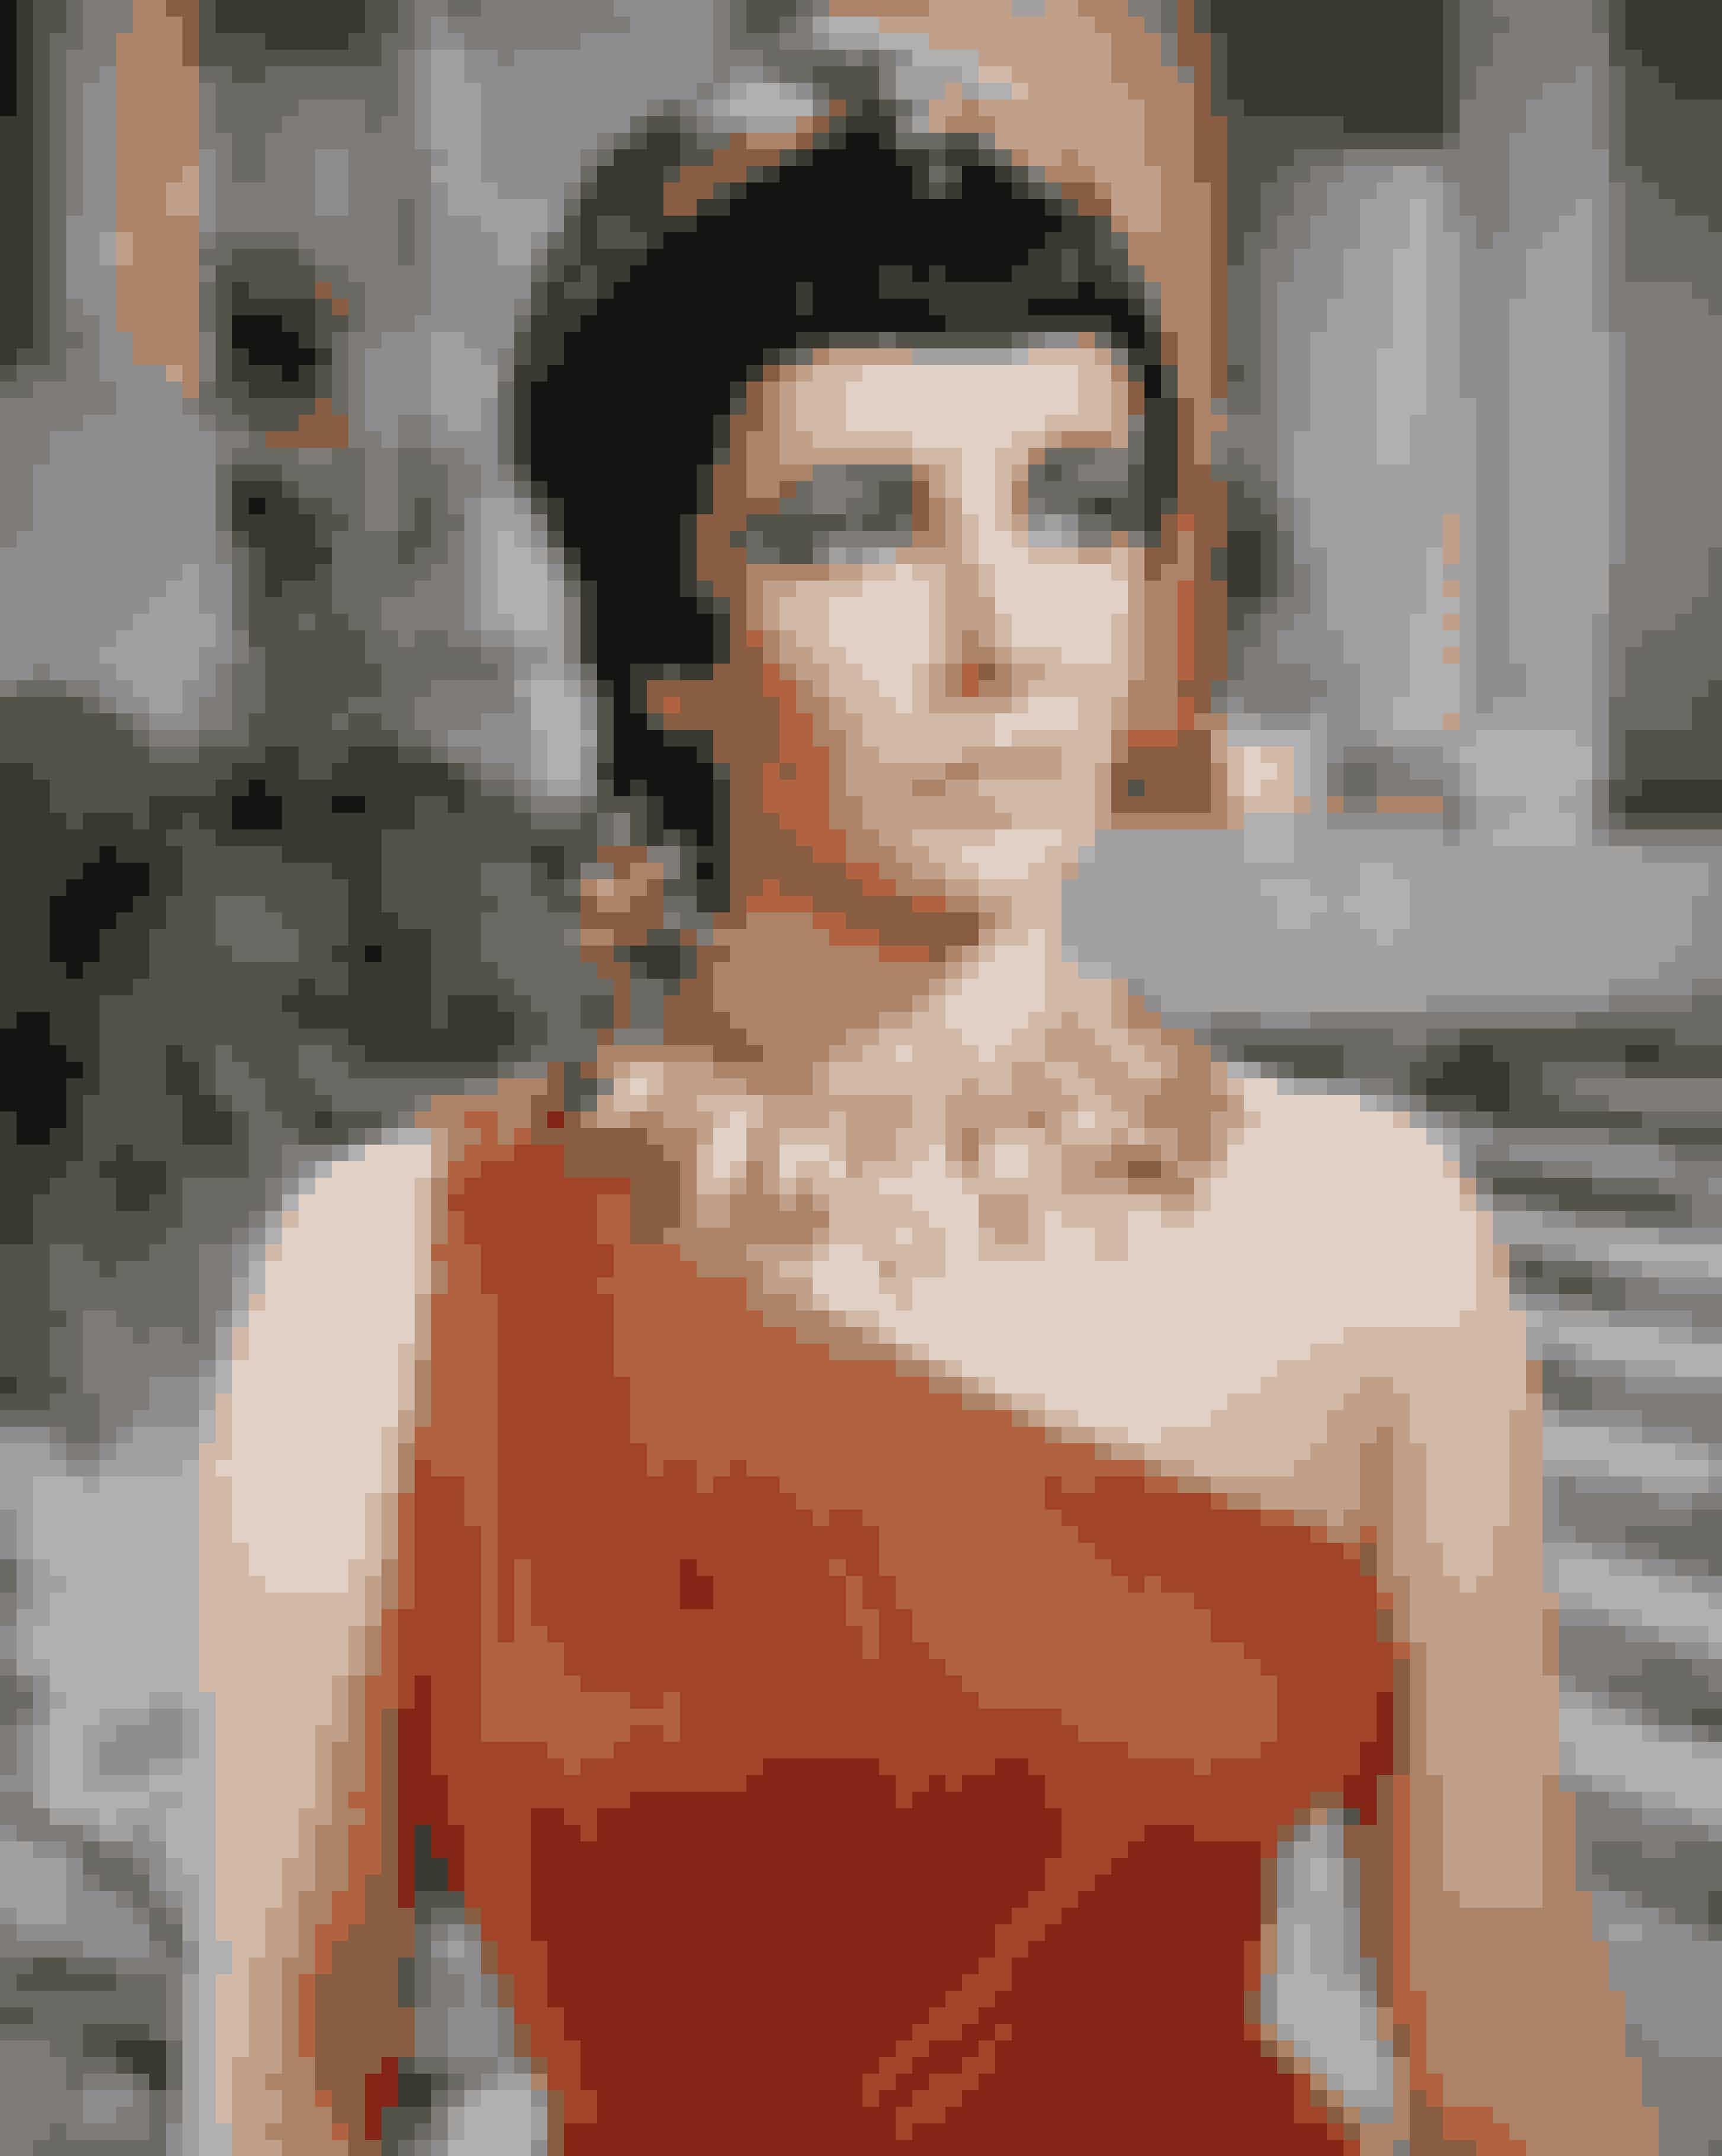 Cleopatra (1963)Denne hyldest til det gamle Egypten er berygtet for at gå hele 42 millioner dollars over budget, svarende til cirka 320 millioner dollars idag. Men den grandiøse film, byder da også på de smukkeste kulisser, og Elizabeth Taylor i absolut blændende kostumer.